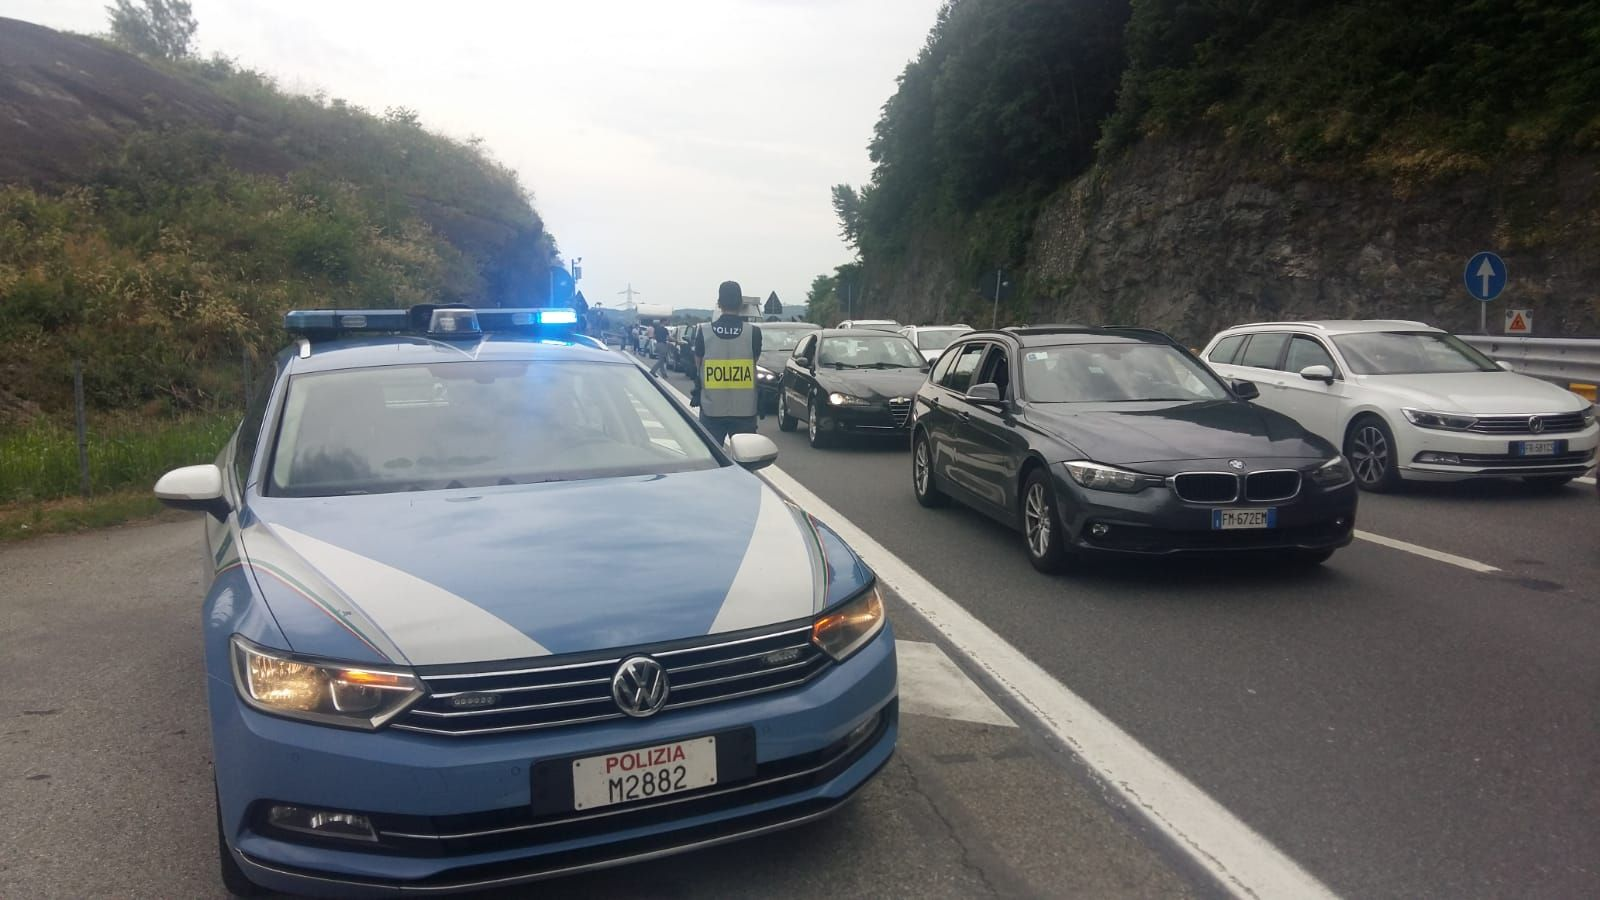 QUINCINETTO - Frana sulla A5, Comune chiede stato di emergenza